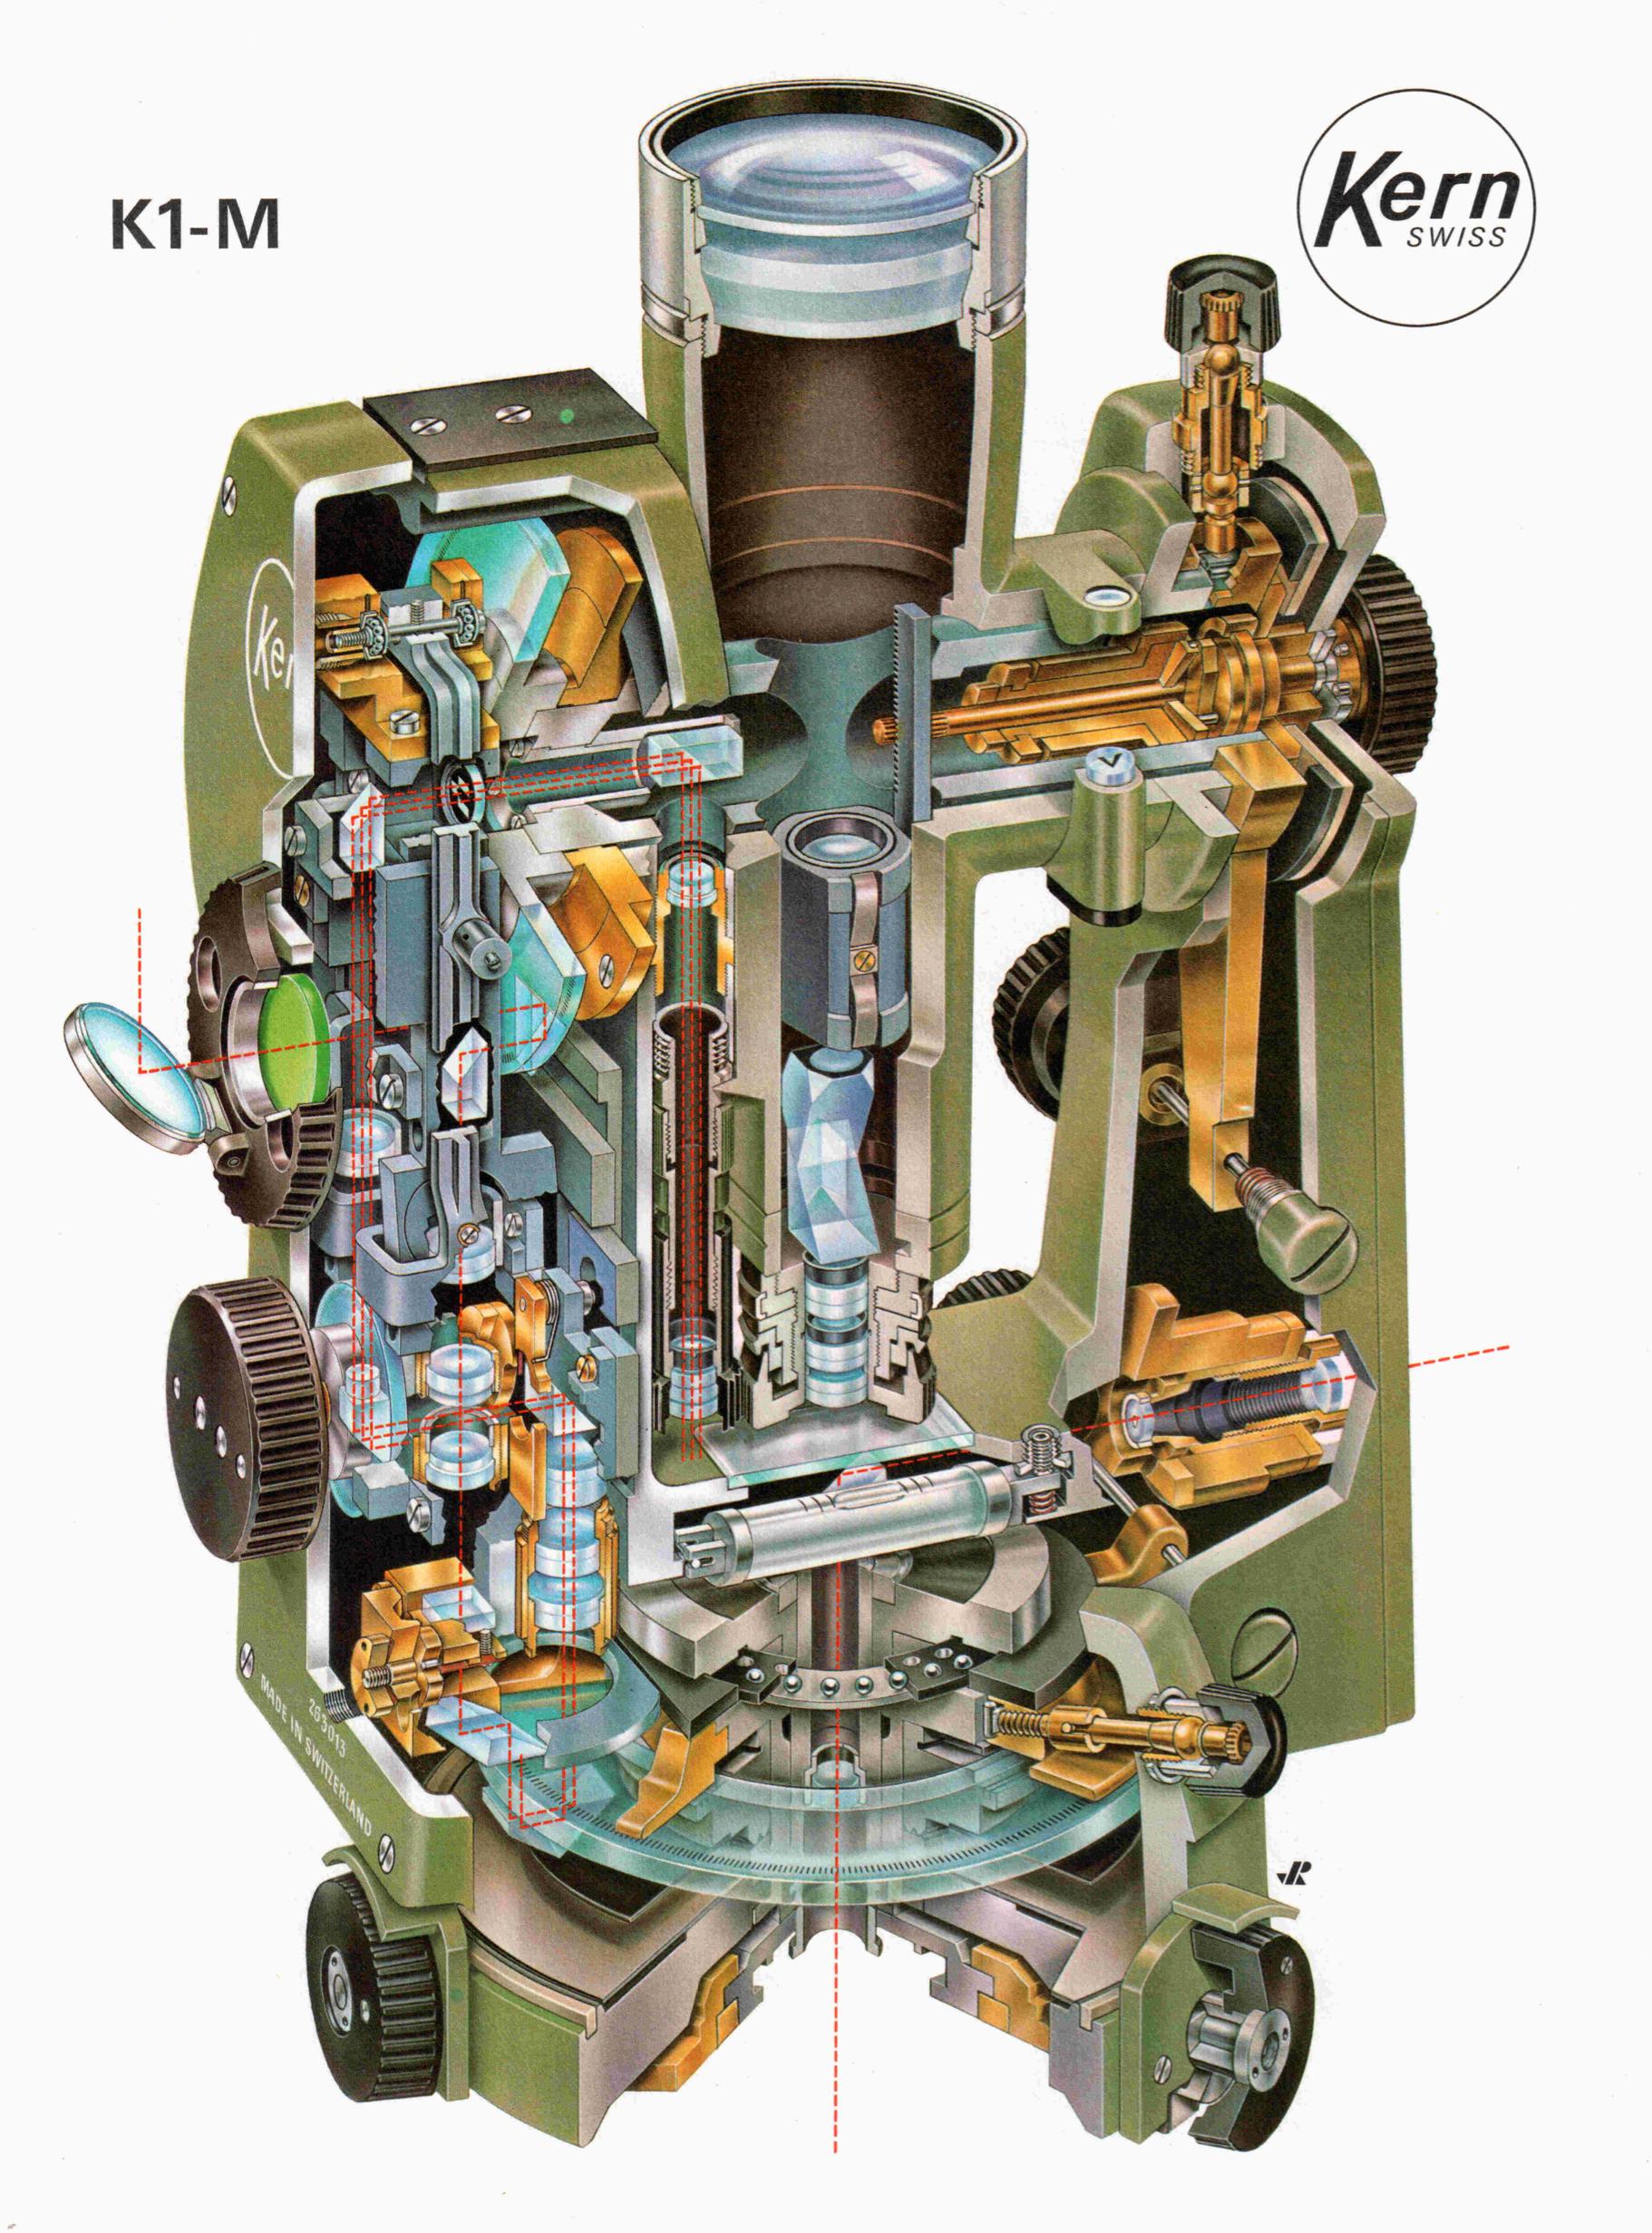 Kern K1 Micrometer